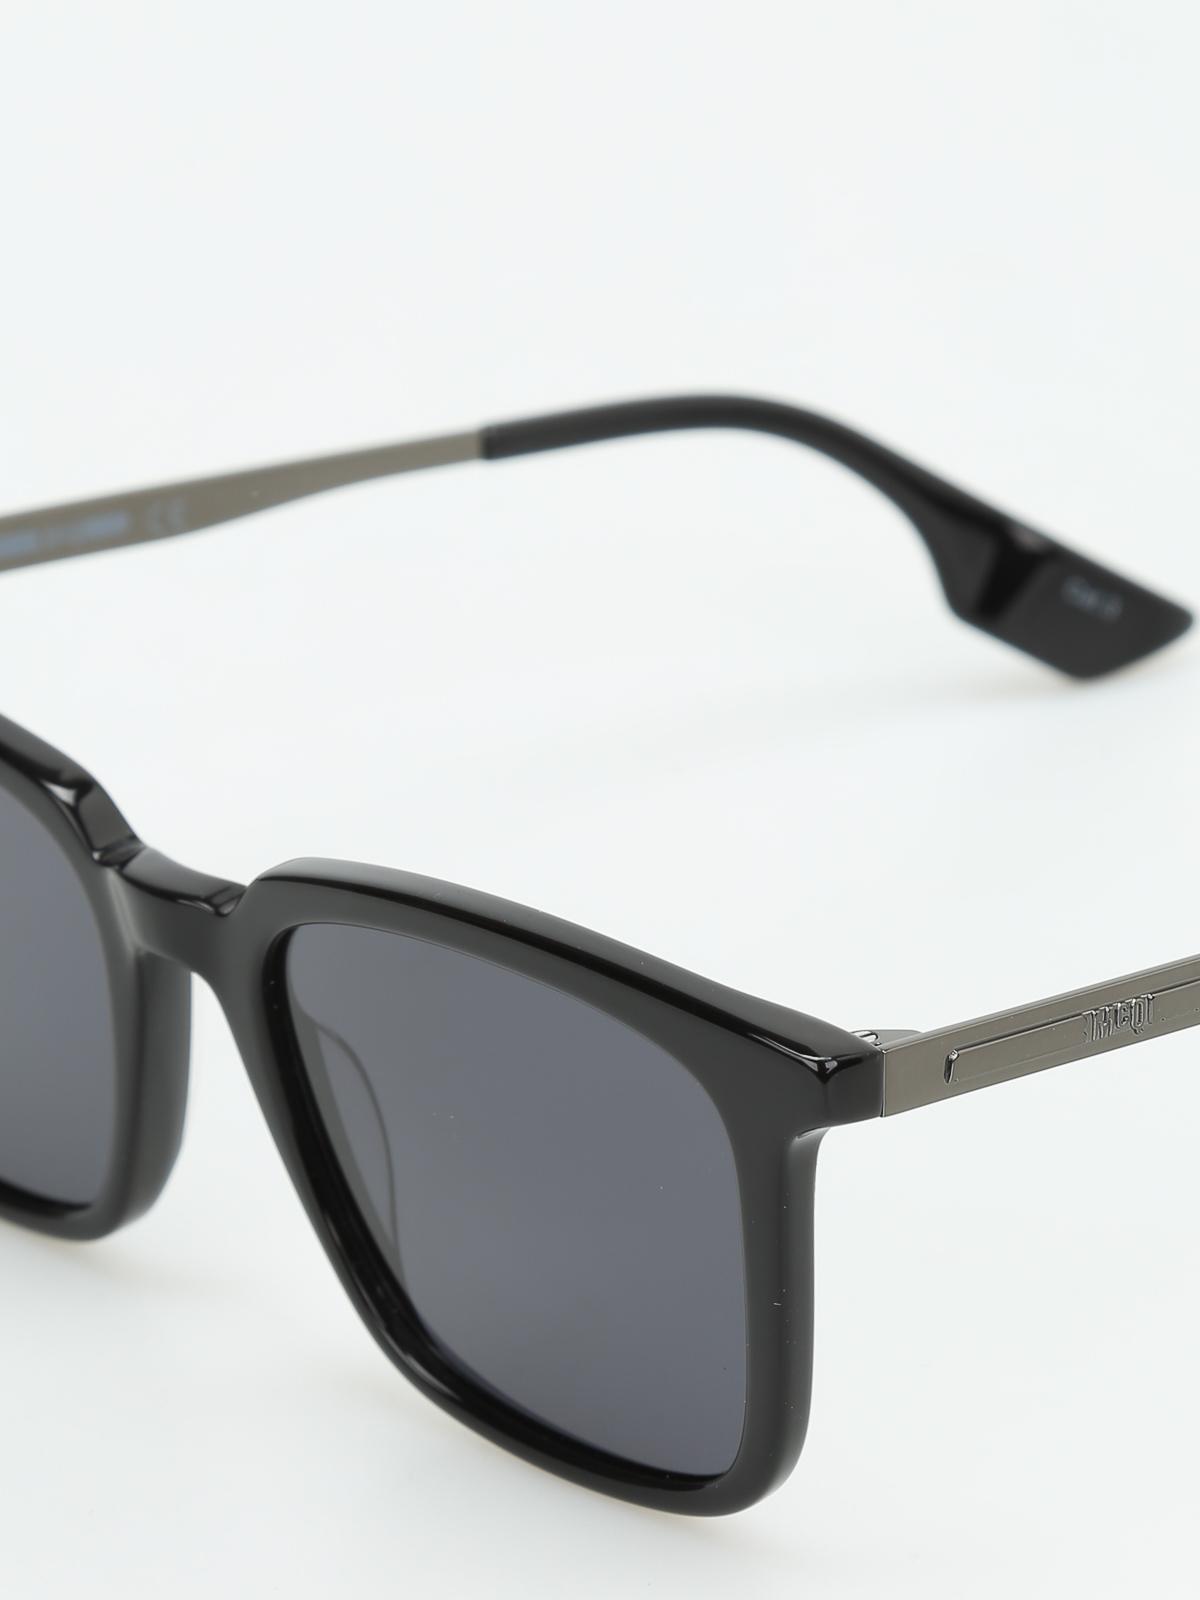 c4c2f5780d5 Mcq - Square shaped sunglasses - sunglasses - MQ0070S 001